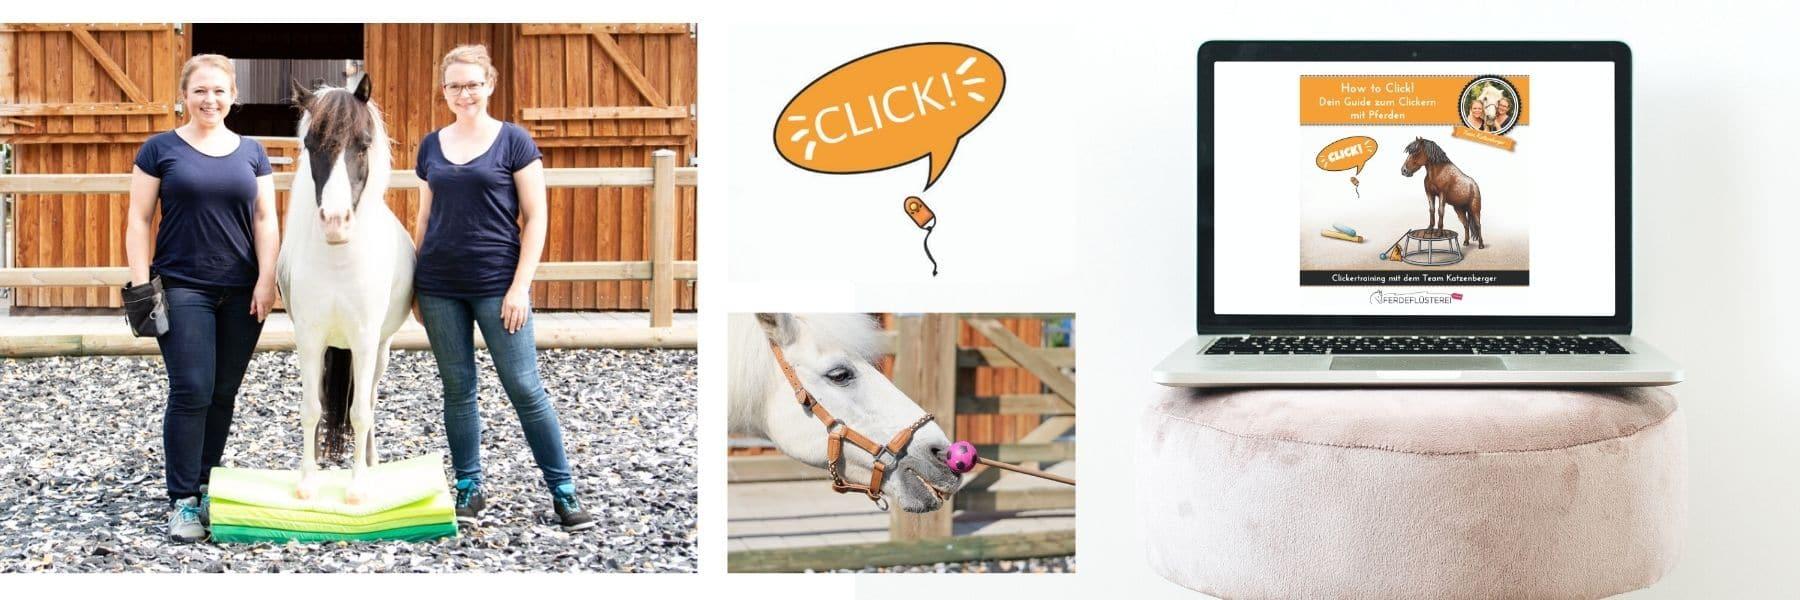 Clicker Landing Page Campus